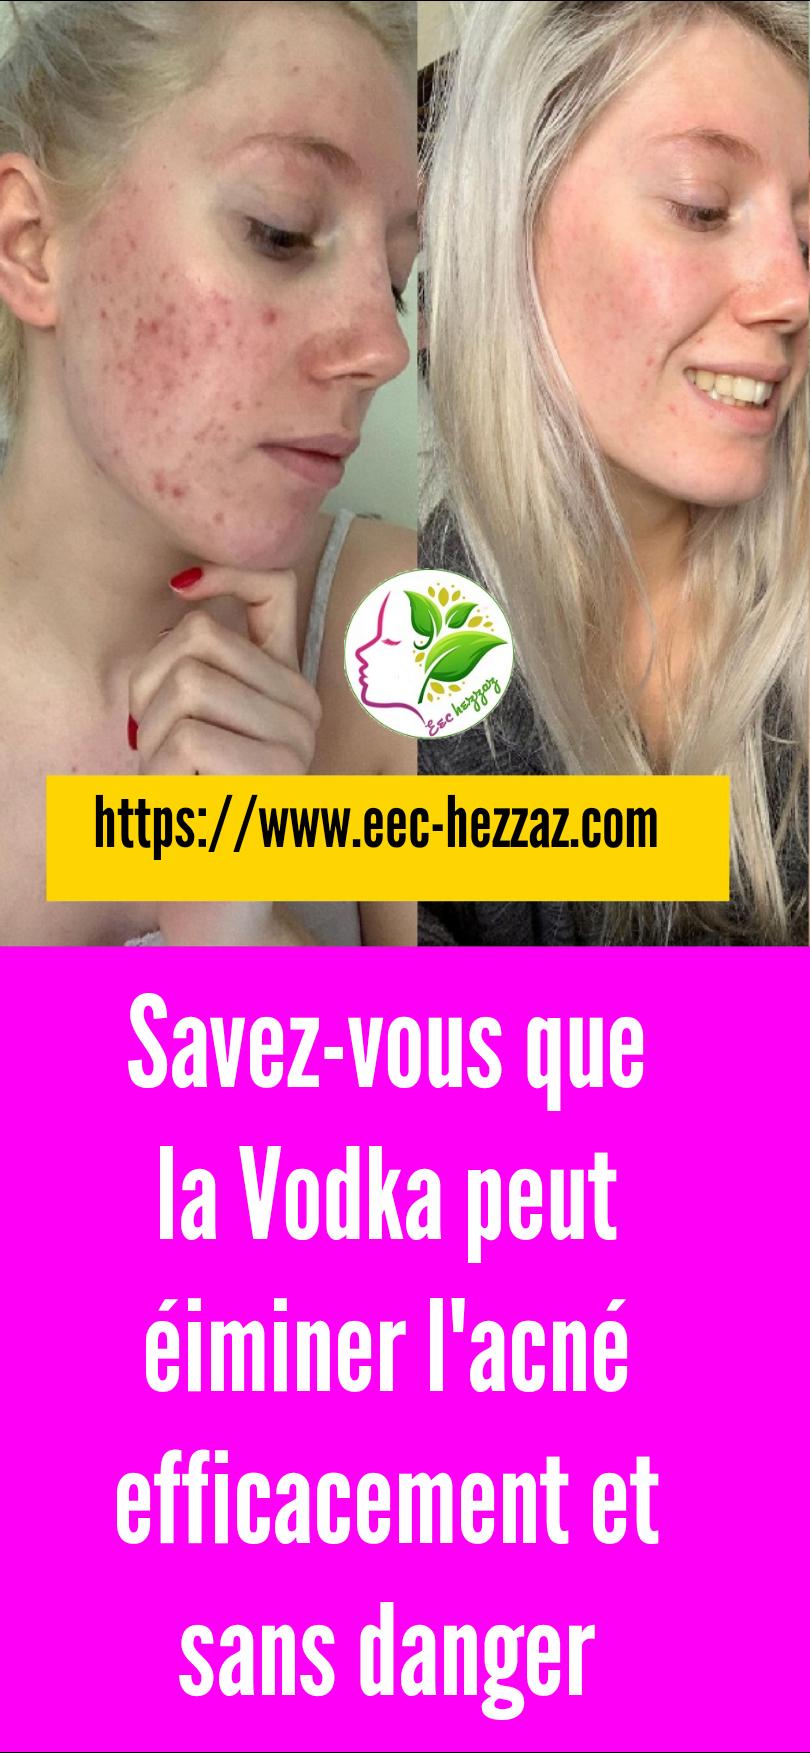 Savez-vous que la Vodka peut éiminer l'acné efficacement et sans danger